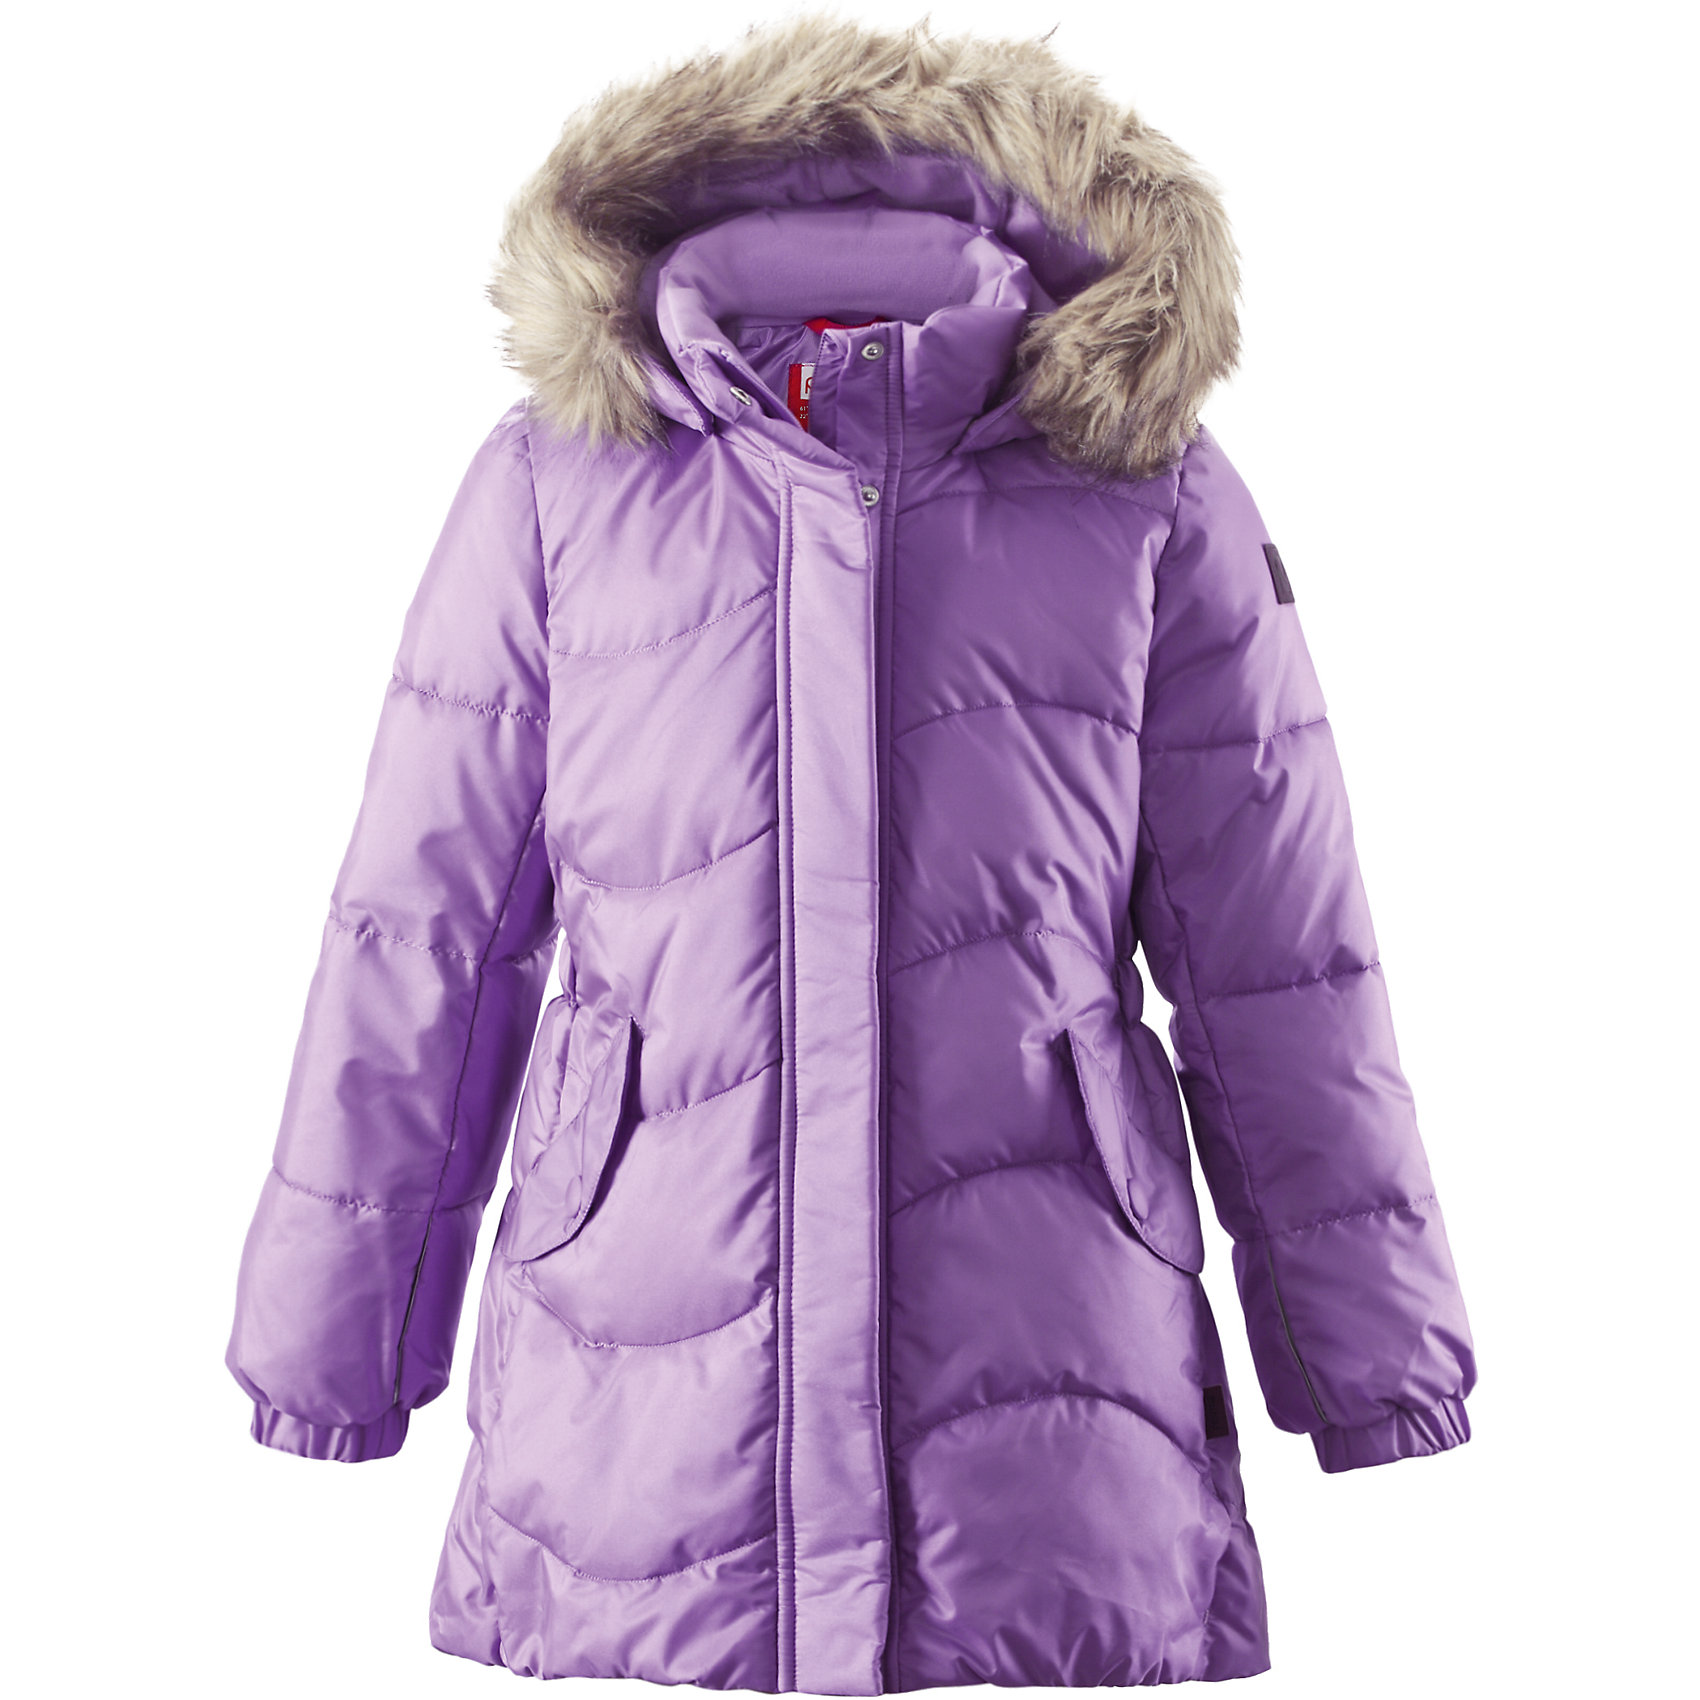 Пальто Sula для девочки ReimaОдежда<br>Пальто для девочки Reima<br>Зимняя куртка для подростков. Водоотталкивающий, ветронепроницаемый, «дышащий» и грязеотталкивающий материал. Крой для девочек. Гладкая подкладка из полиэстра. Имитация пуха. Безопасный съемный капюшон с отсоединяемой меховой каймой из искусственного меха. Эластичные манжеты. Эластичная талия. Два кармана с клапанами. Безопасные светоотражающие элементы. Петля для дополнительных светоотражающих деталей.<br>Утеплитель: Reima® Pearl insulation,170 g<br>Уход:<br>Стирать по отдельности, вывернув наизнанку. Перед стиркой отстегните искусственный мех. Застегнуть молнии и липучки. Стирать моющим средством, не содержащим отбеливающие вещества. Полоскать без специального средства. Во избежание изменения цвета изделие необходимо вынуть из стиральной машинки незамедлительно после окончания программы стирки. Сушить при низкой температуре.<br>Состав:<br>65% Полиамид, 35% Полиэстер, полиуретановое покрытие<br><br>Ширина мм: 356<br>Глубина мм: 10<br>Высота мм: 245<br>Вес г: 519<br>Цвет: фиолетовый<br>Возраст от месяцев: 72<br>Возраст до месяцев: 84<br>Пол: Женский<br>Возраст: Детский<br>Размер: 104,146,134,116,164,122,158,110,140,152,128<br>SKU: 4778291